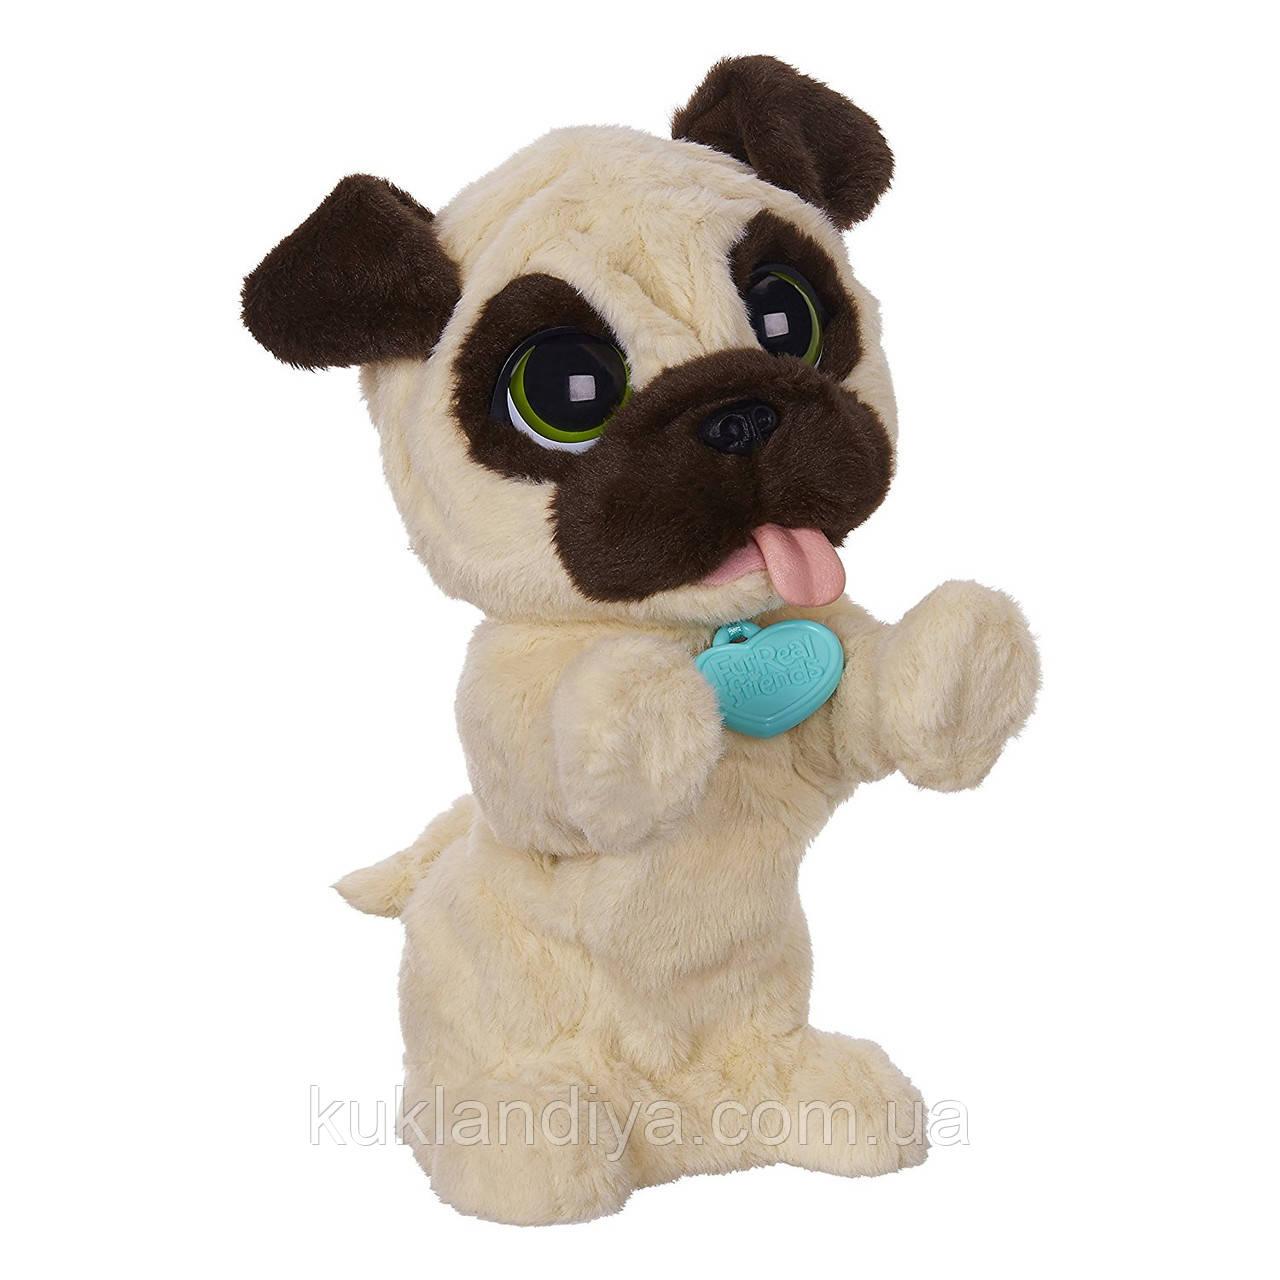 Интерактивный щенок Мопс FurReal Friends